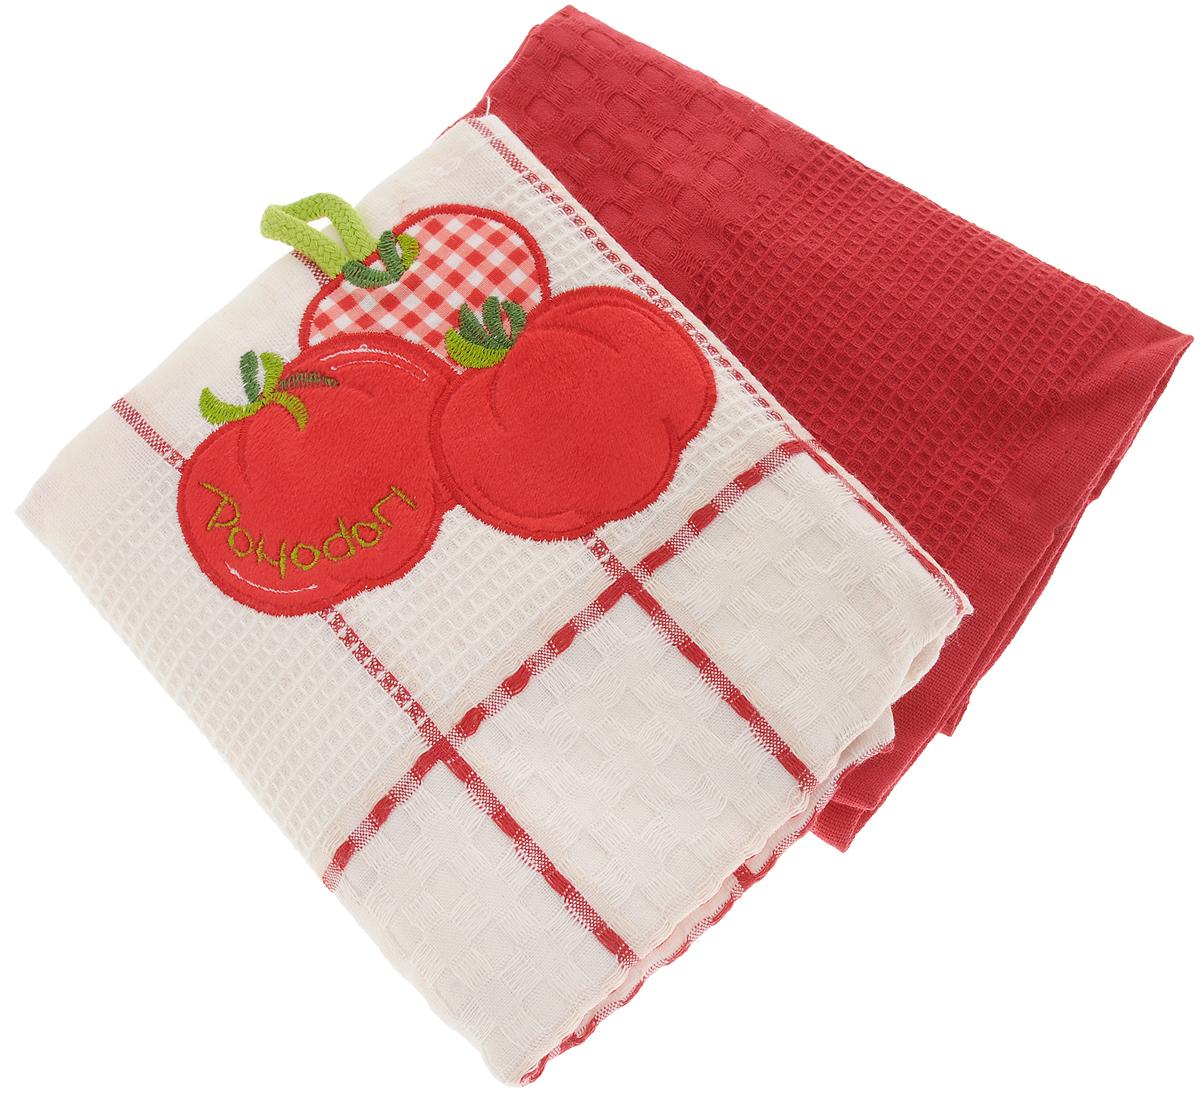 Набор кухонных полотенец Bonita Помидор, цвет: красный, белый, 45 х 70 см, 2 штCLP446Набор кухонных полотенец Bonita Помидор состоит из двух полотенец, изготовленный из натурального хлопка, идеально дополнит интерьер вашей кухни и создаст атмосферу уюта и комфорта. Одно полотенце белого цвета в красную клетку оформлено вышивкой и оснащено петелькой. Другое полотенце однотонное красного цвета без вышивки. Изделия выполнены из натурального материала, поэтому являются экологически чистыми. Высочайшее качество материала гарантирует безопасность не только взрослых, но и самых маленьких членов семьи. Современный декоративный текстиль для дома должен быть экологически чистым продуктом и отличаться ярким и современным дизайном.